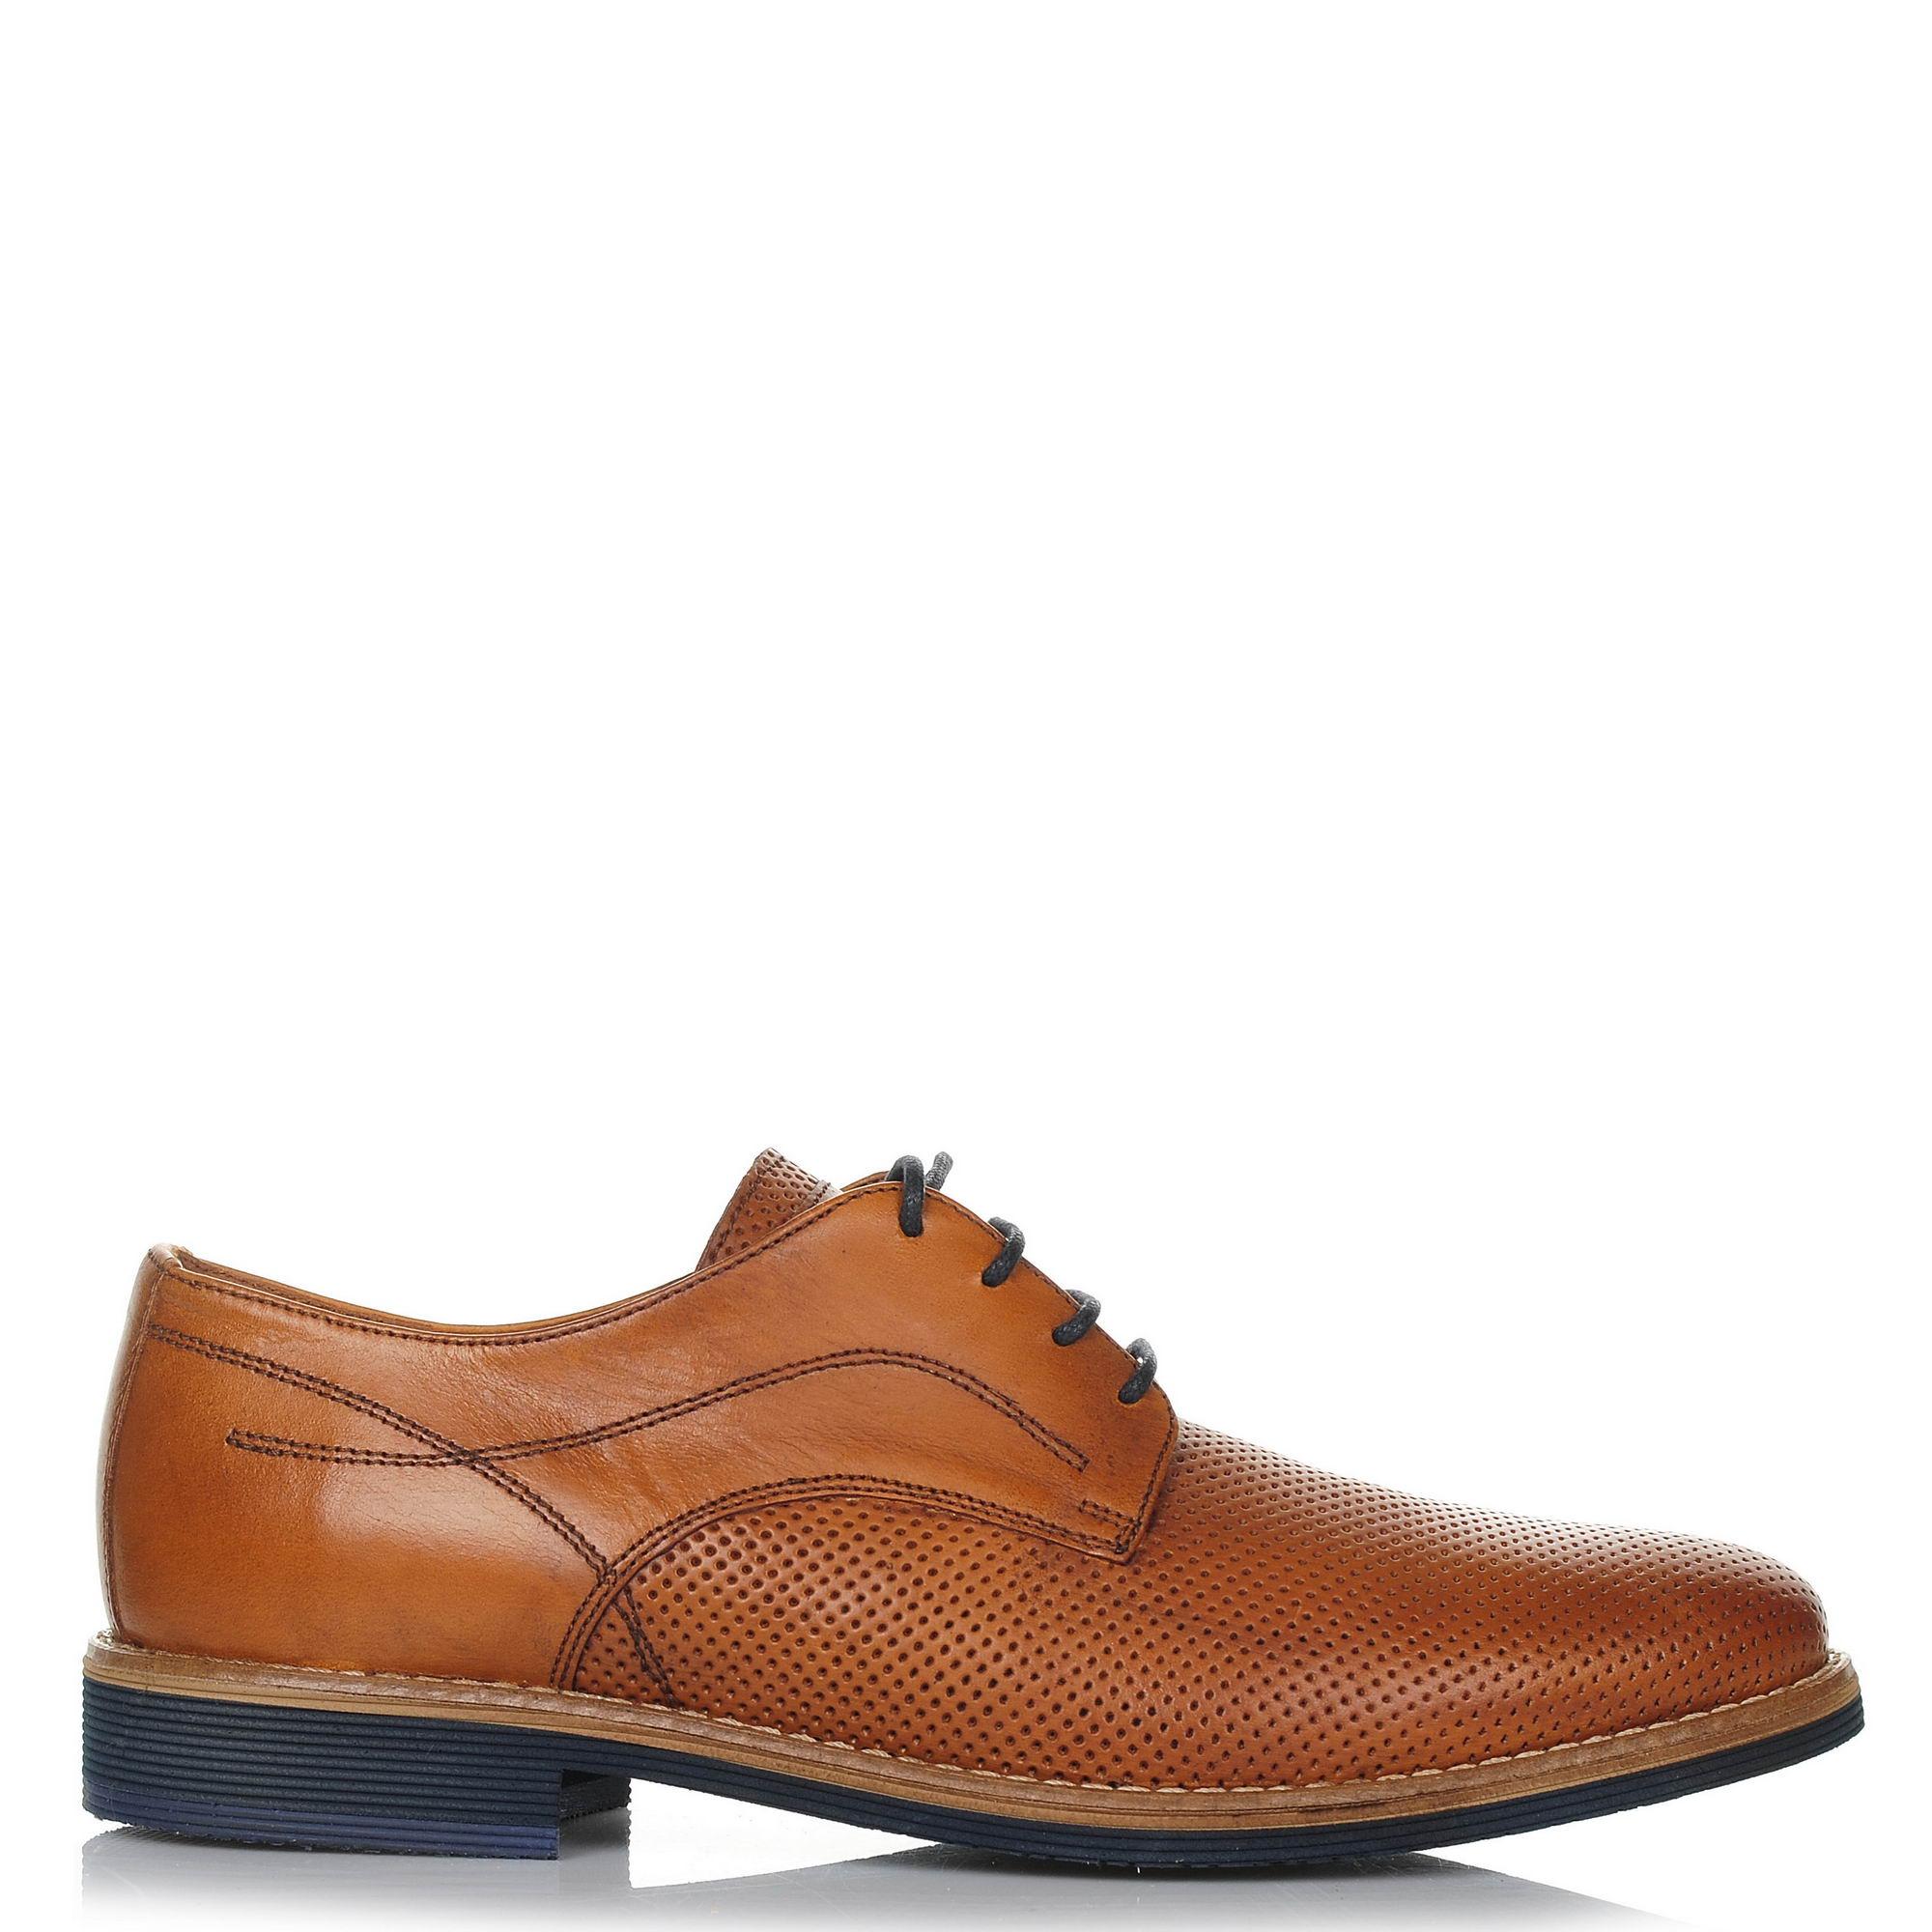 Δερμάτινα Oxford Παπούτσια Kricket 90 ανδρας   ανδρικό παπούτσι